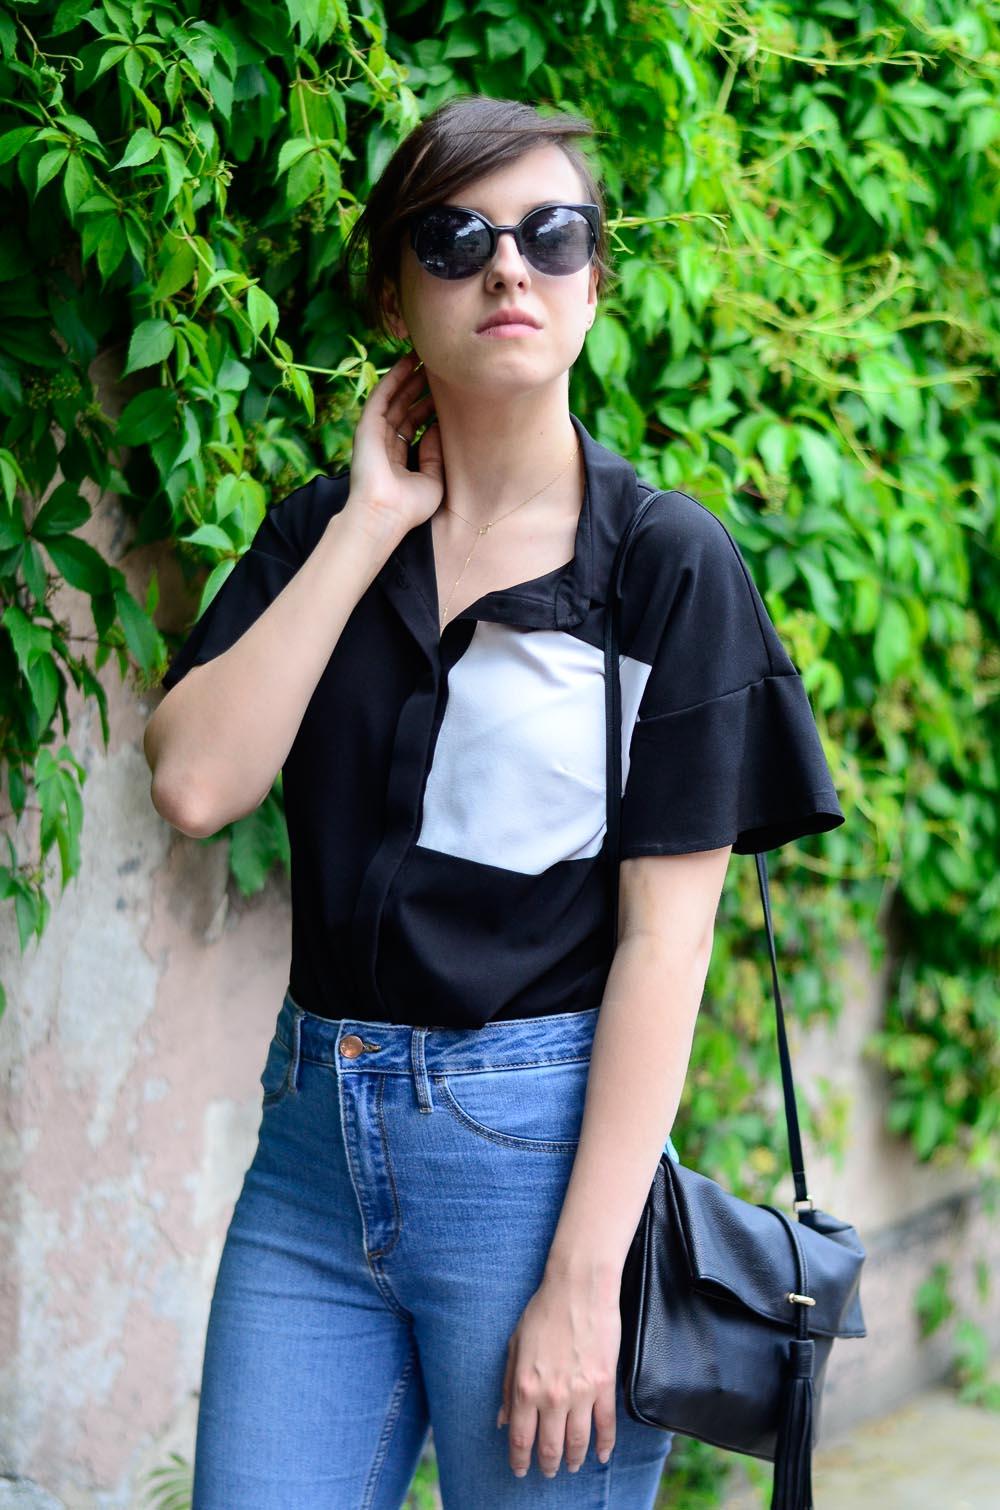 koszula krótki rękaw color blocking jeansy minimalizm stylizacja blog